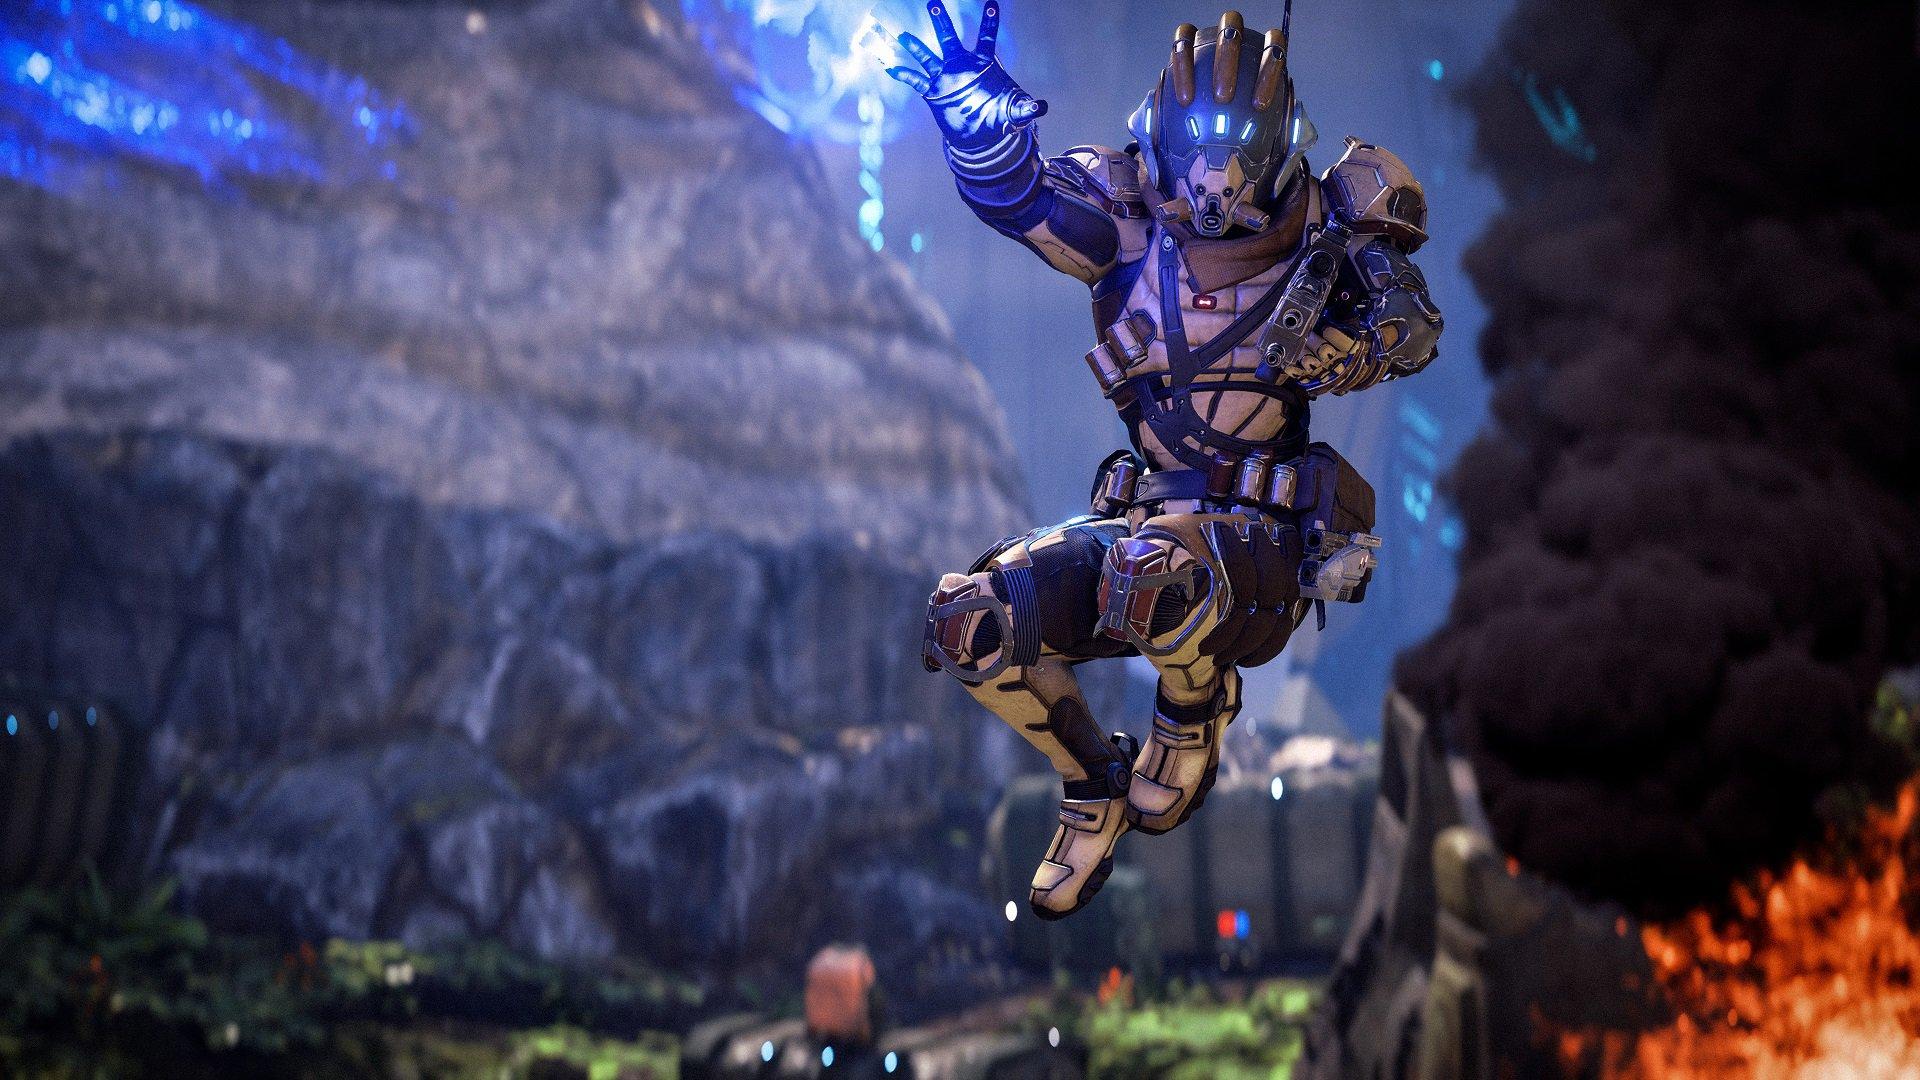 Mass Effect Andromeda Desktop Wallpaper: Mass Effect: Andromeda Wallpapers, Pictures, Images